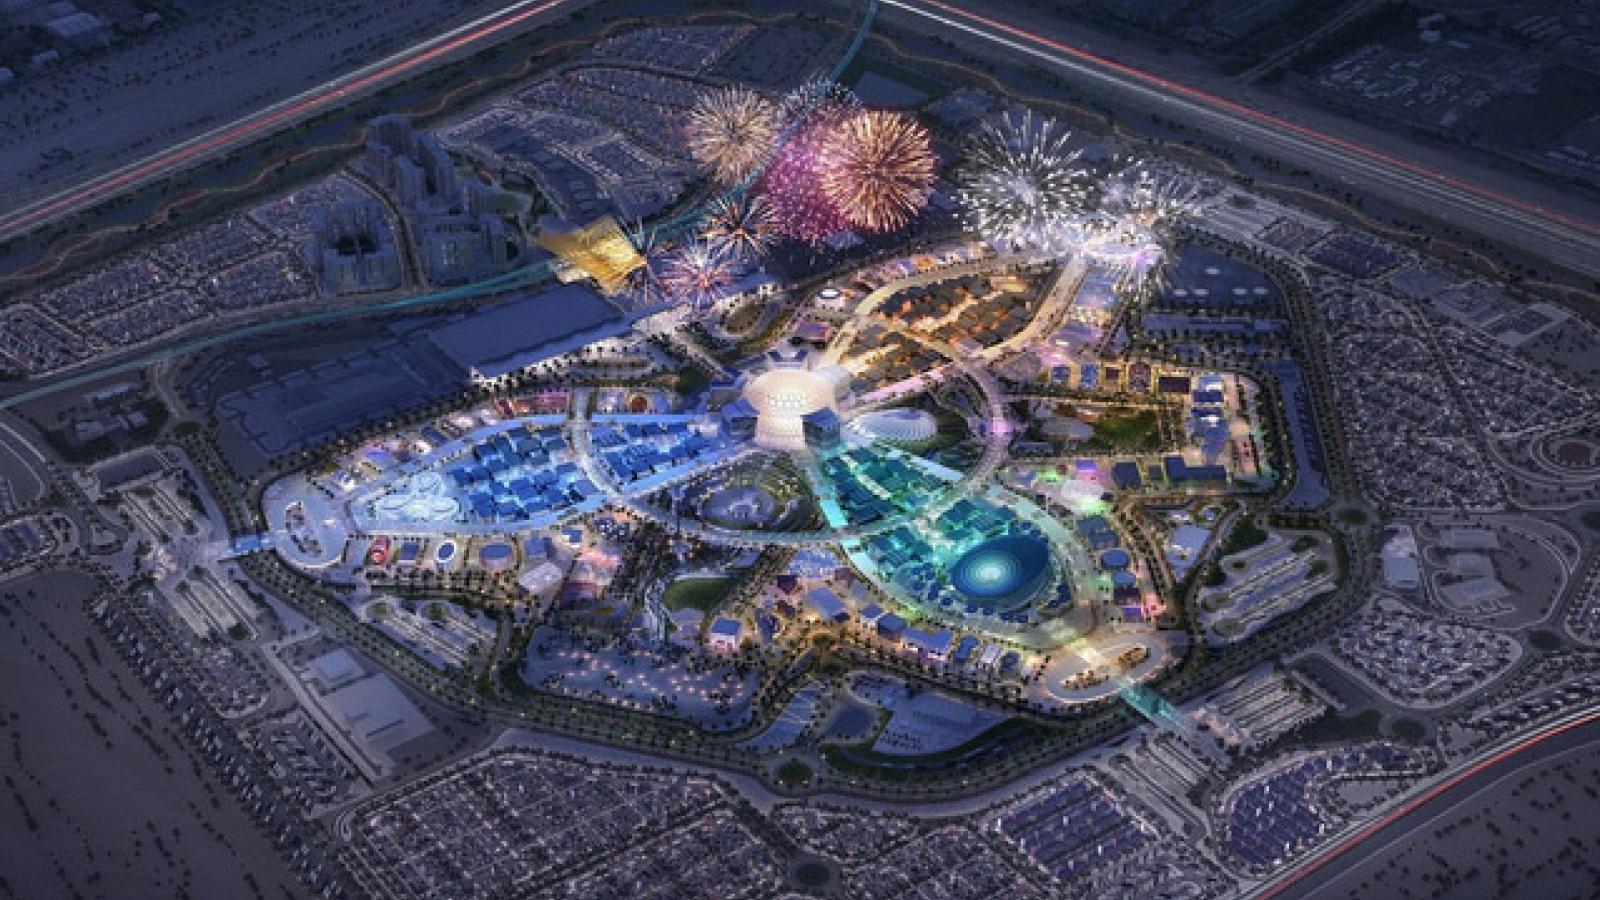 Phim Việt Nam được giới thiệu tại Triển lãm Thế giới EXPO 2020 Dubai